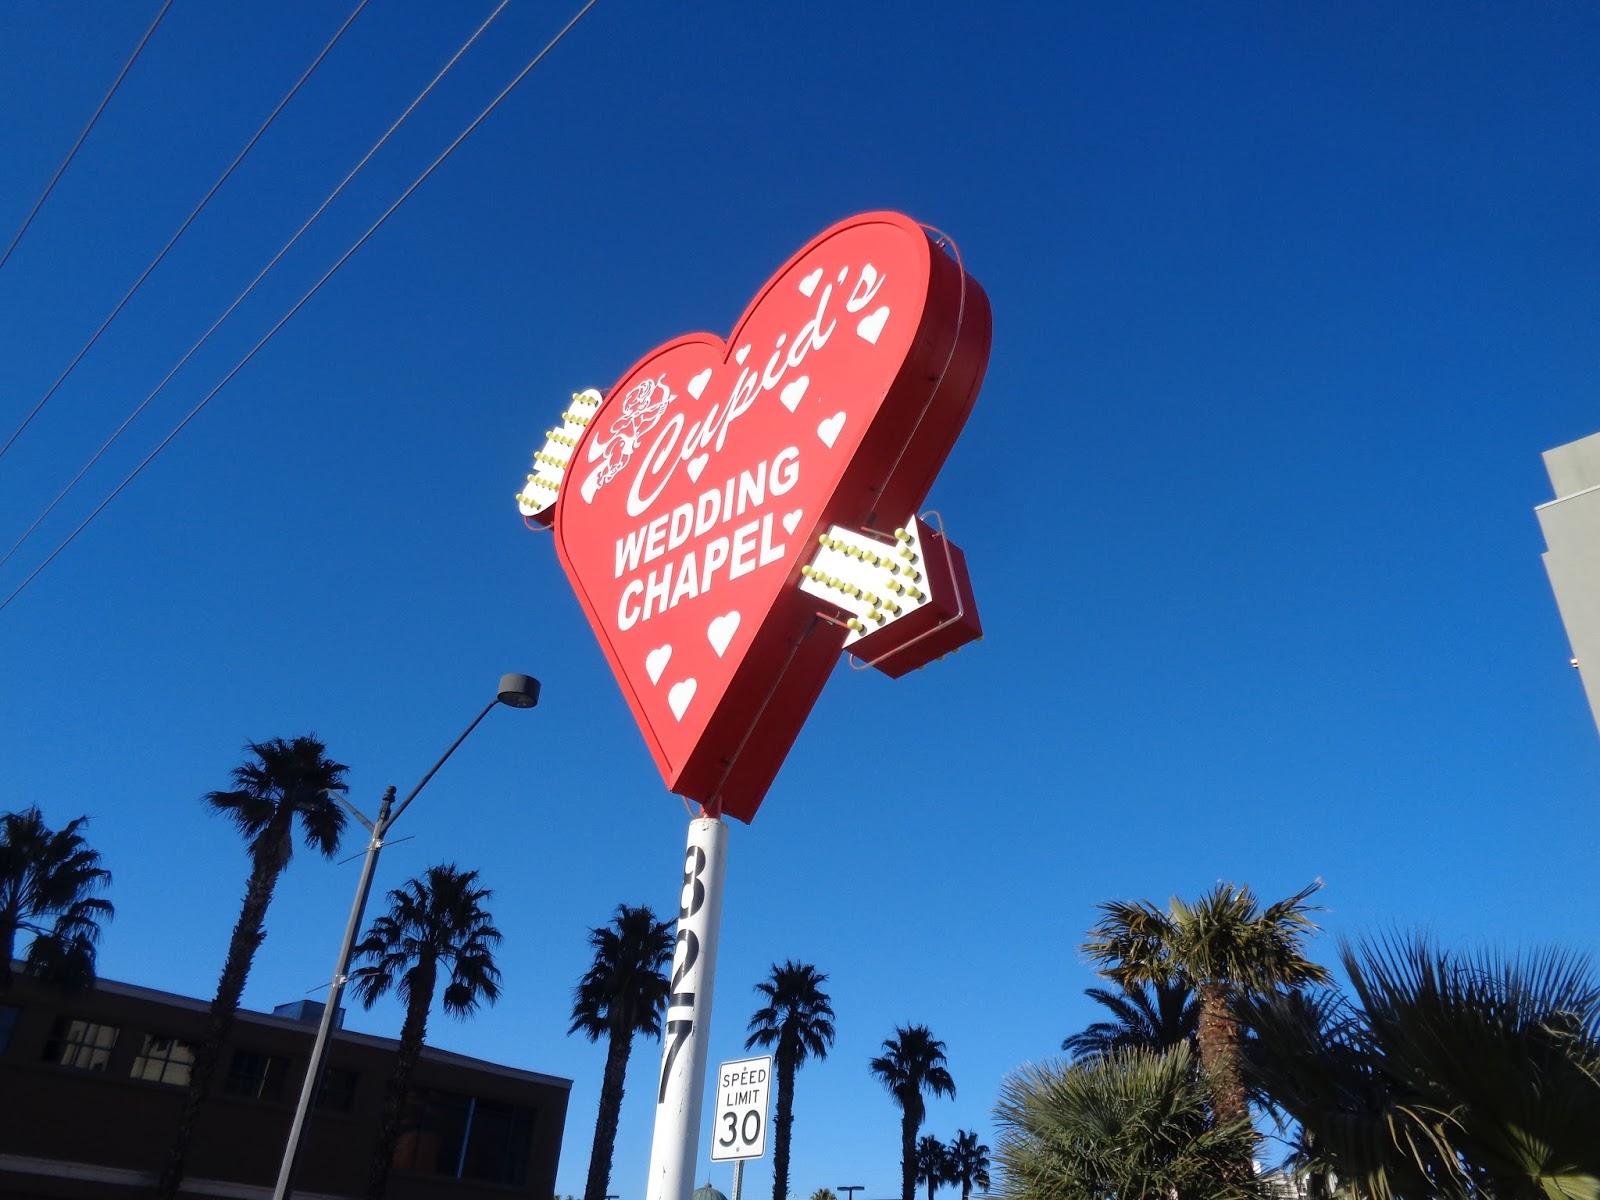 about those las vegas weddings vegas wedding chapels About those Las Vegas Weddings